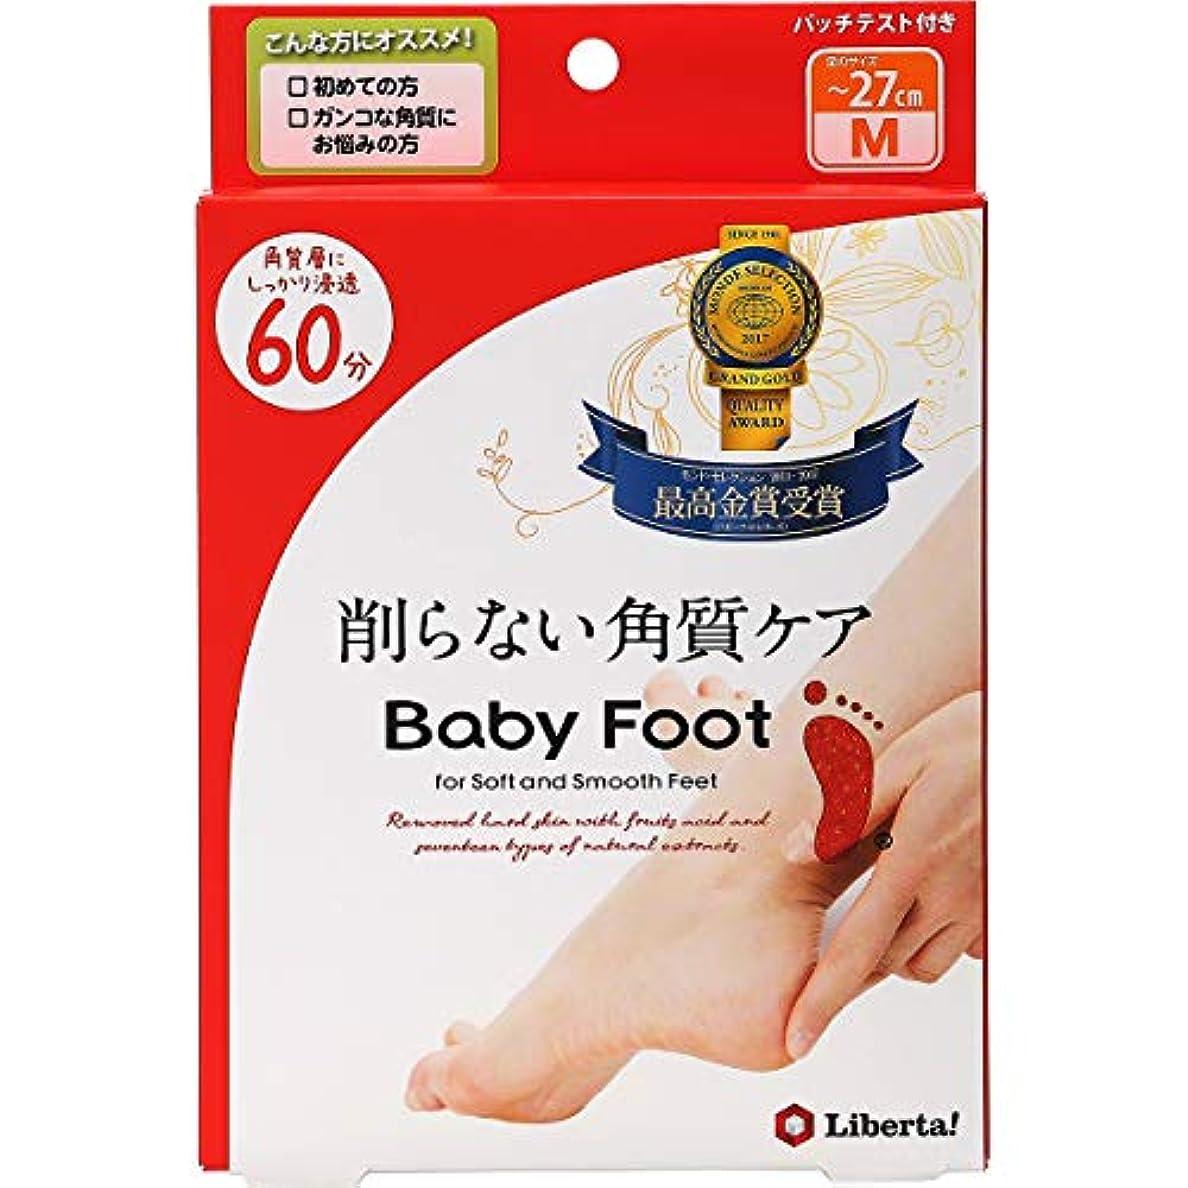 砂漠航海の入力ベビーフット (Baby Foot) ベビーフット イージーパック SPT60分タイプ Mサイズ 単品